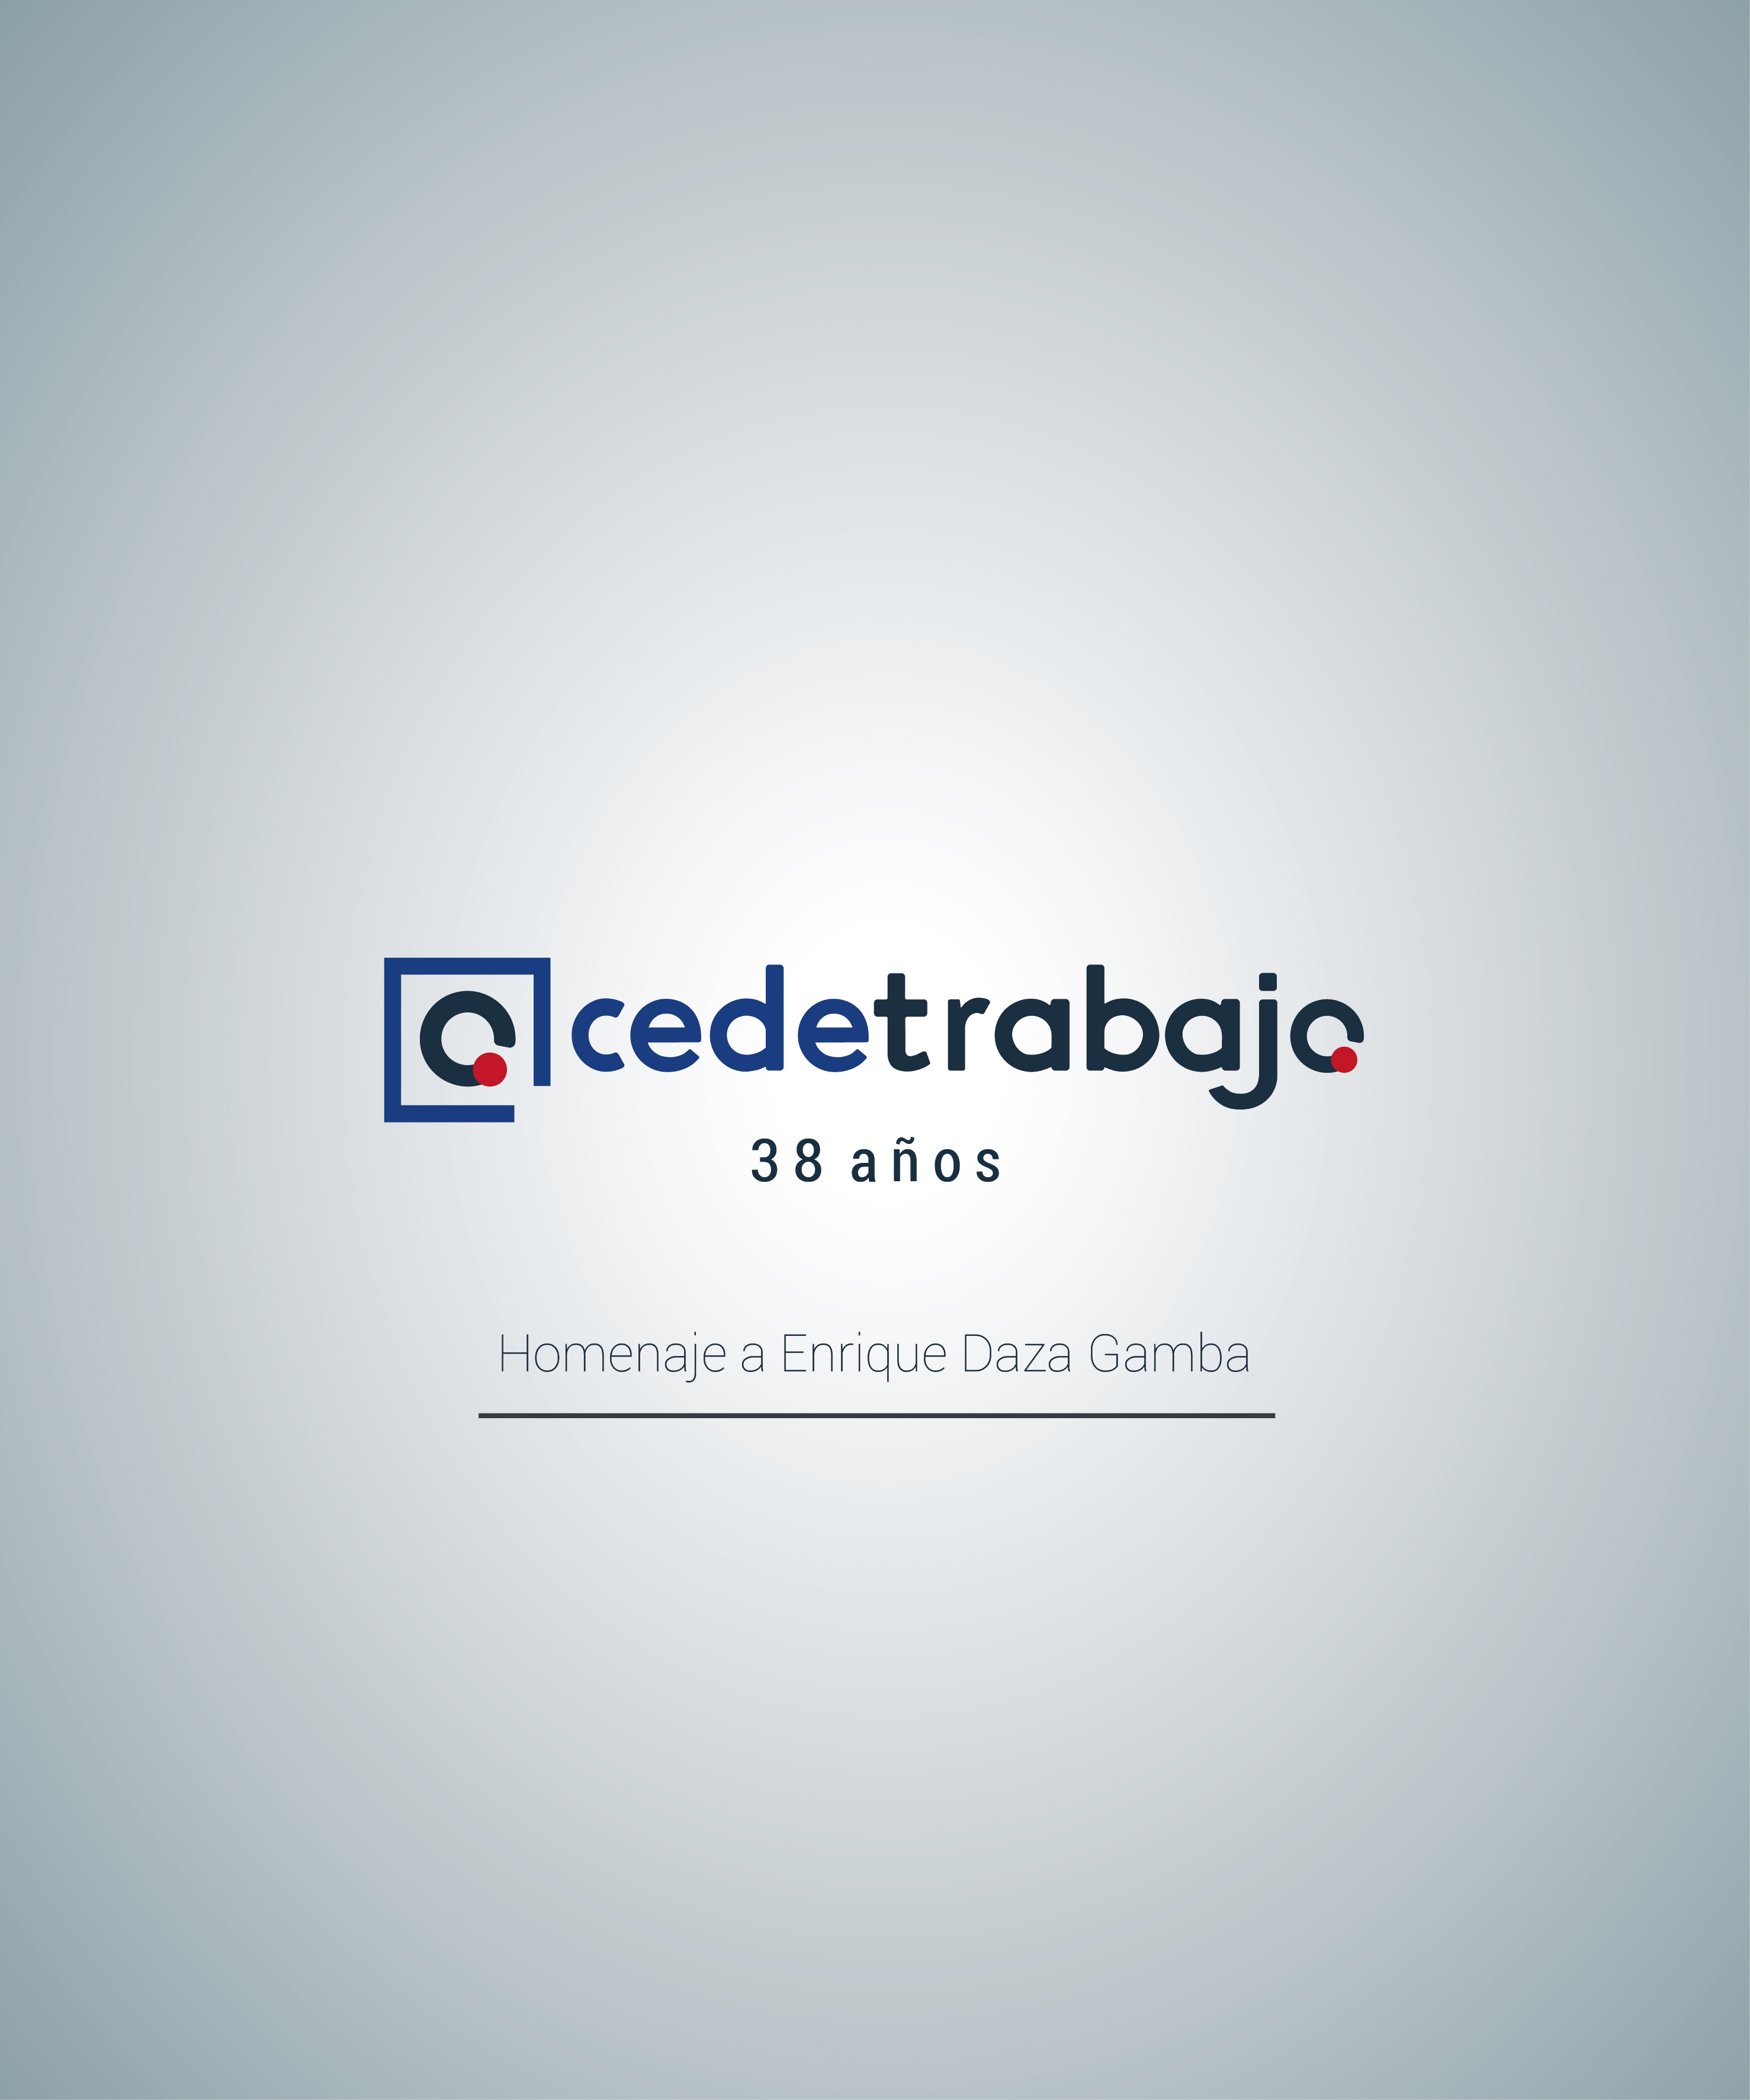 Homenaje a Enrique Daza, ex director de Cedetrabajo